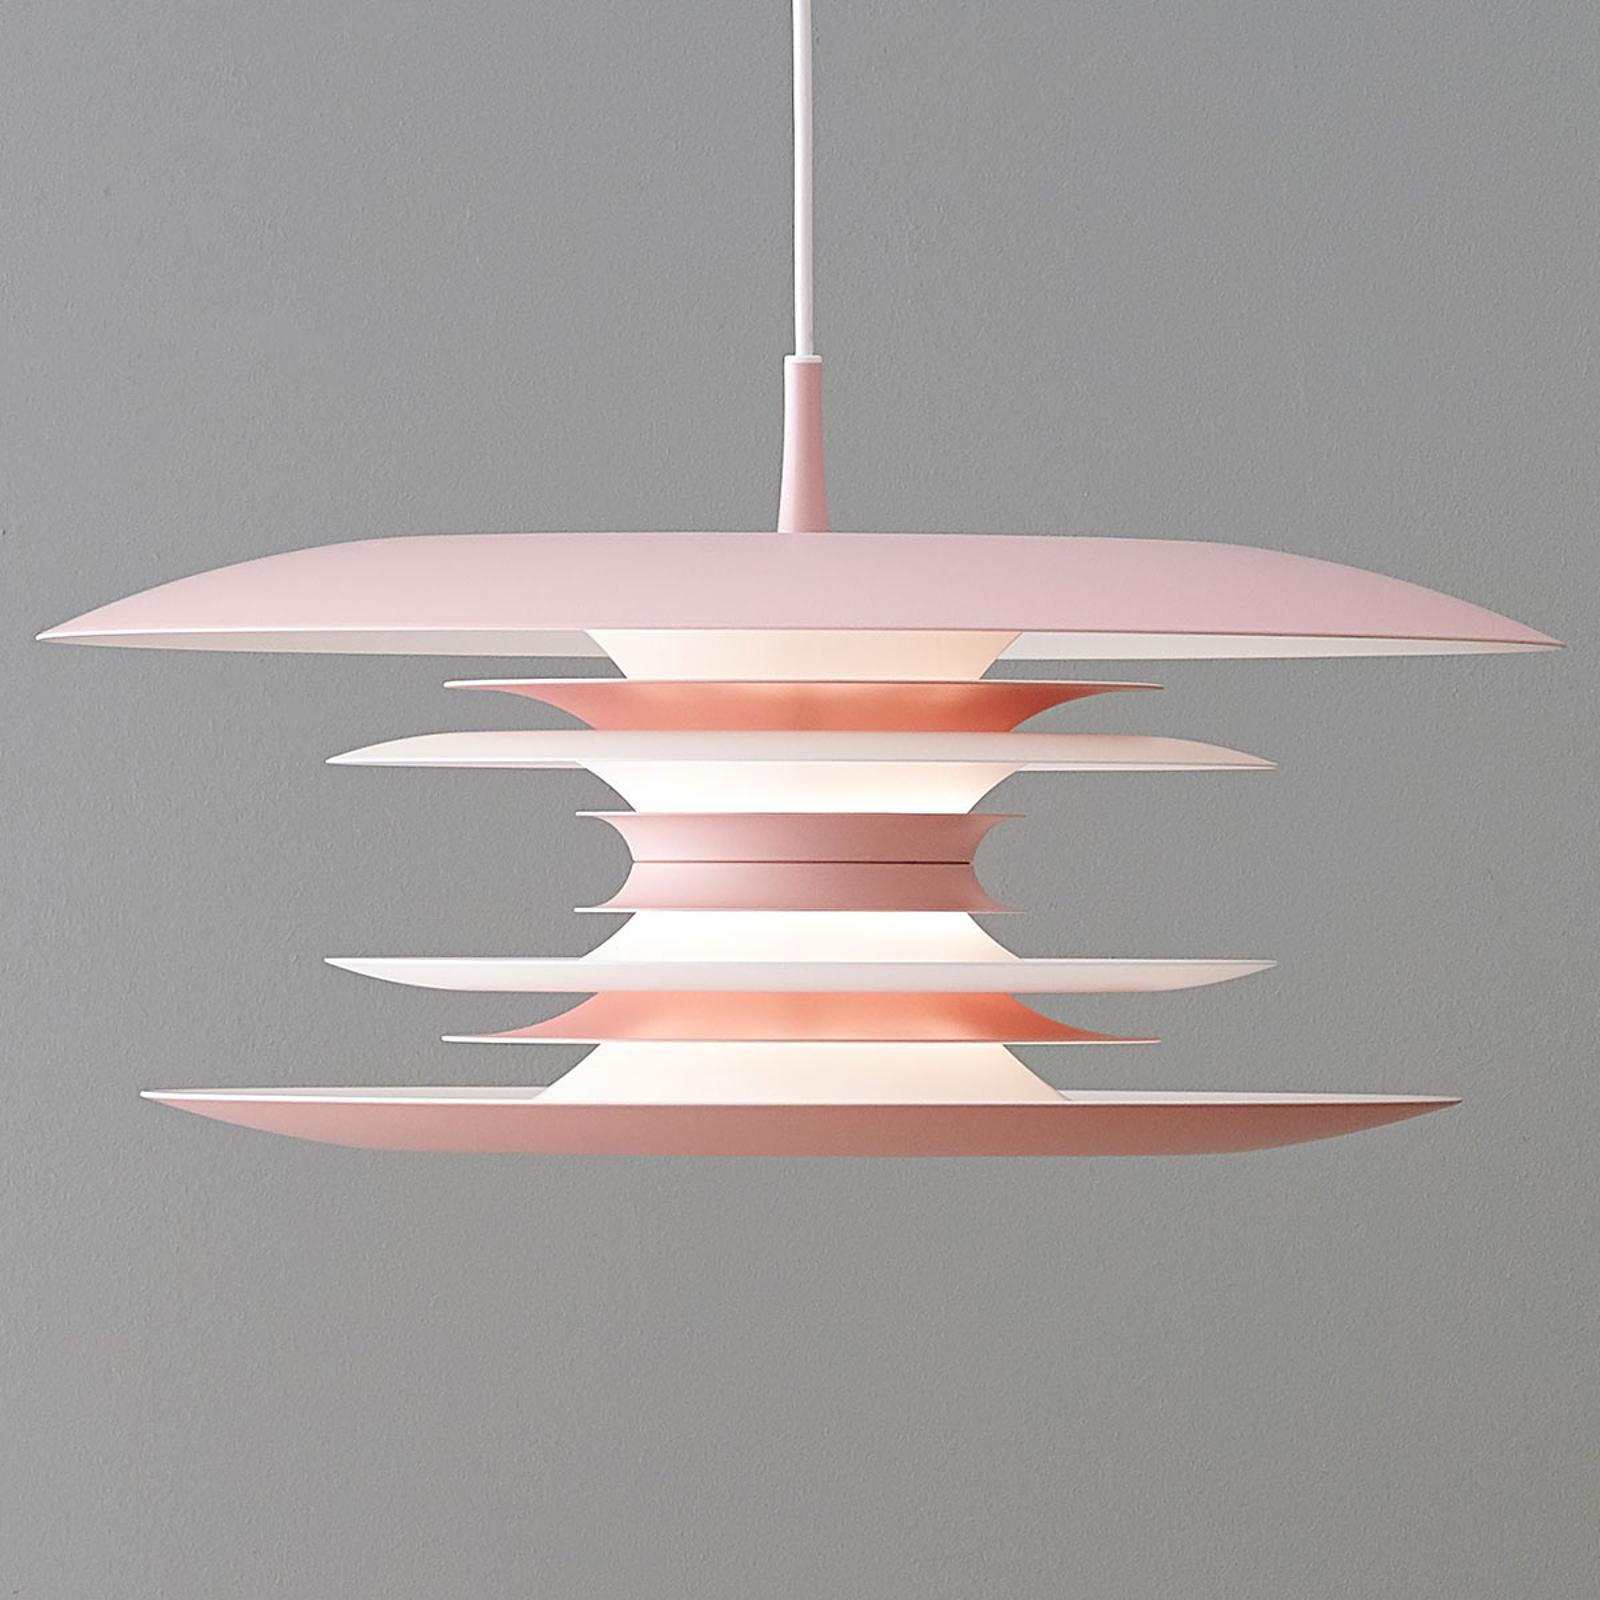 Lampa wisząca LED Diablo Ø 40 cm jasny róż